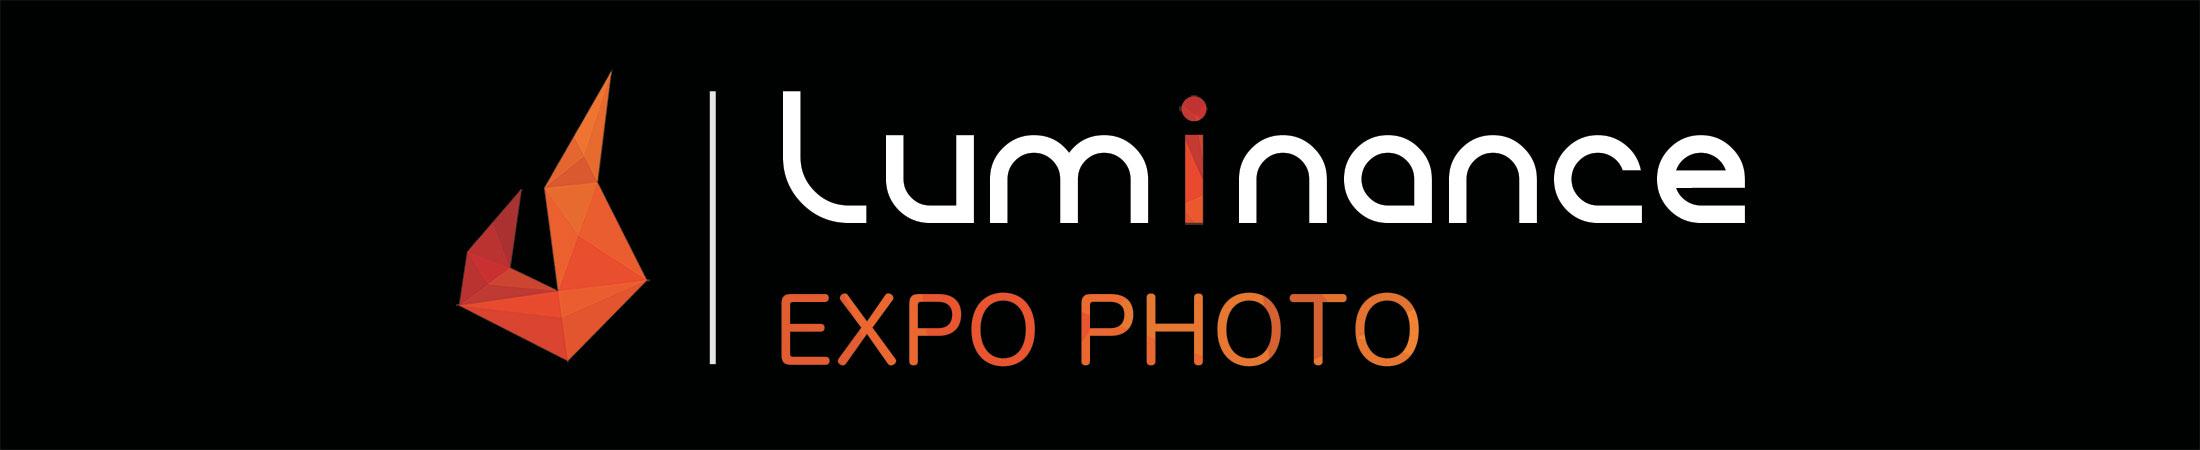 luminance expo photo alsace